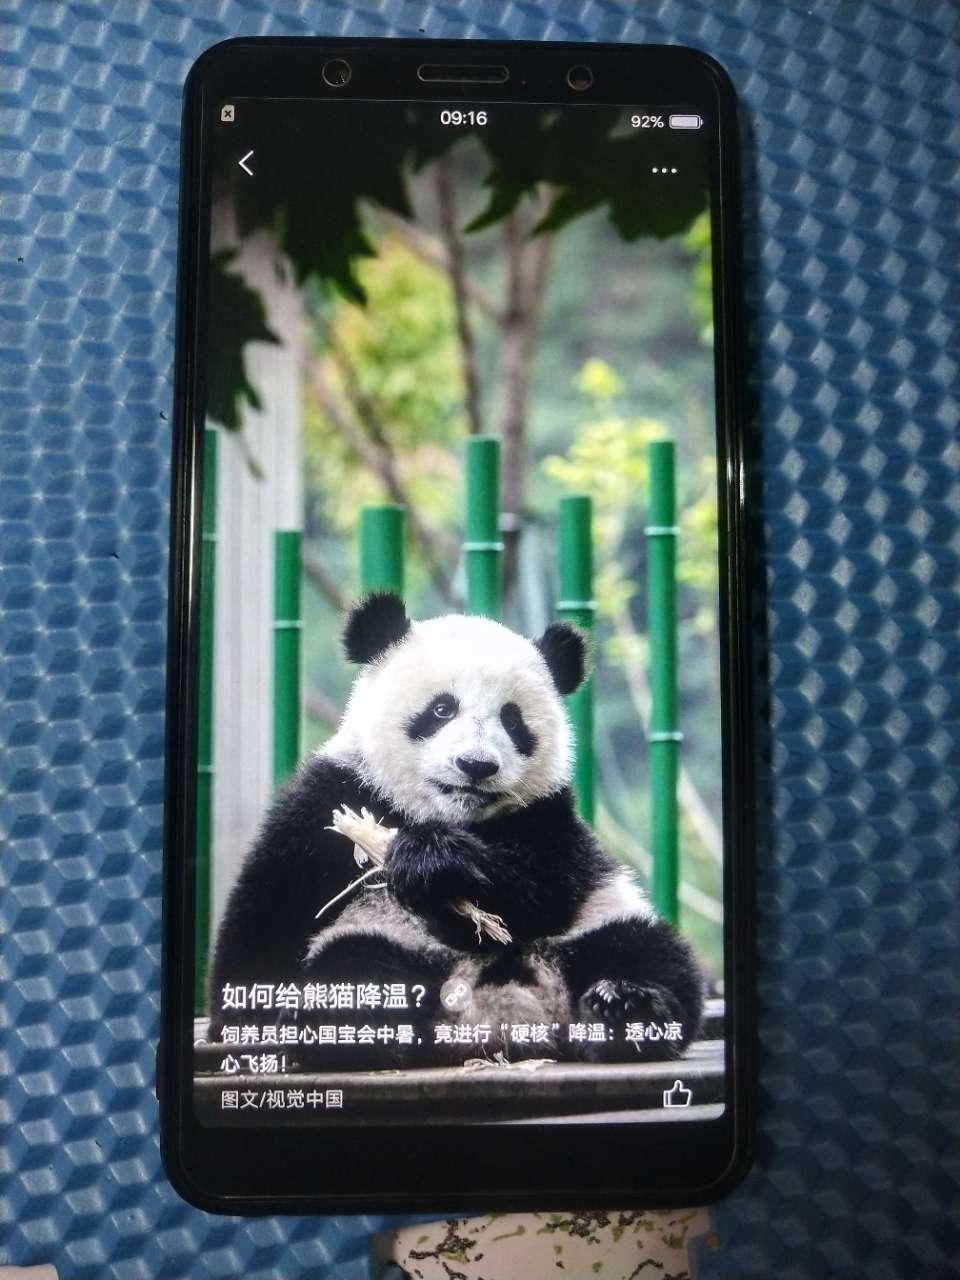 出售vivo x20plus大屏幕手机,内存4+64G,大屏幕看电影合适图3